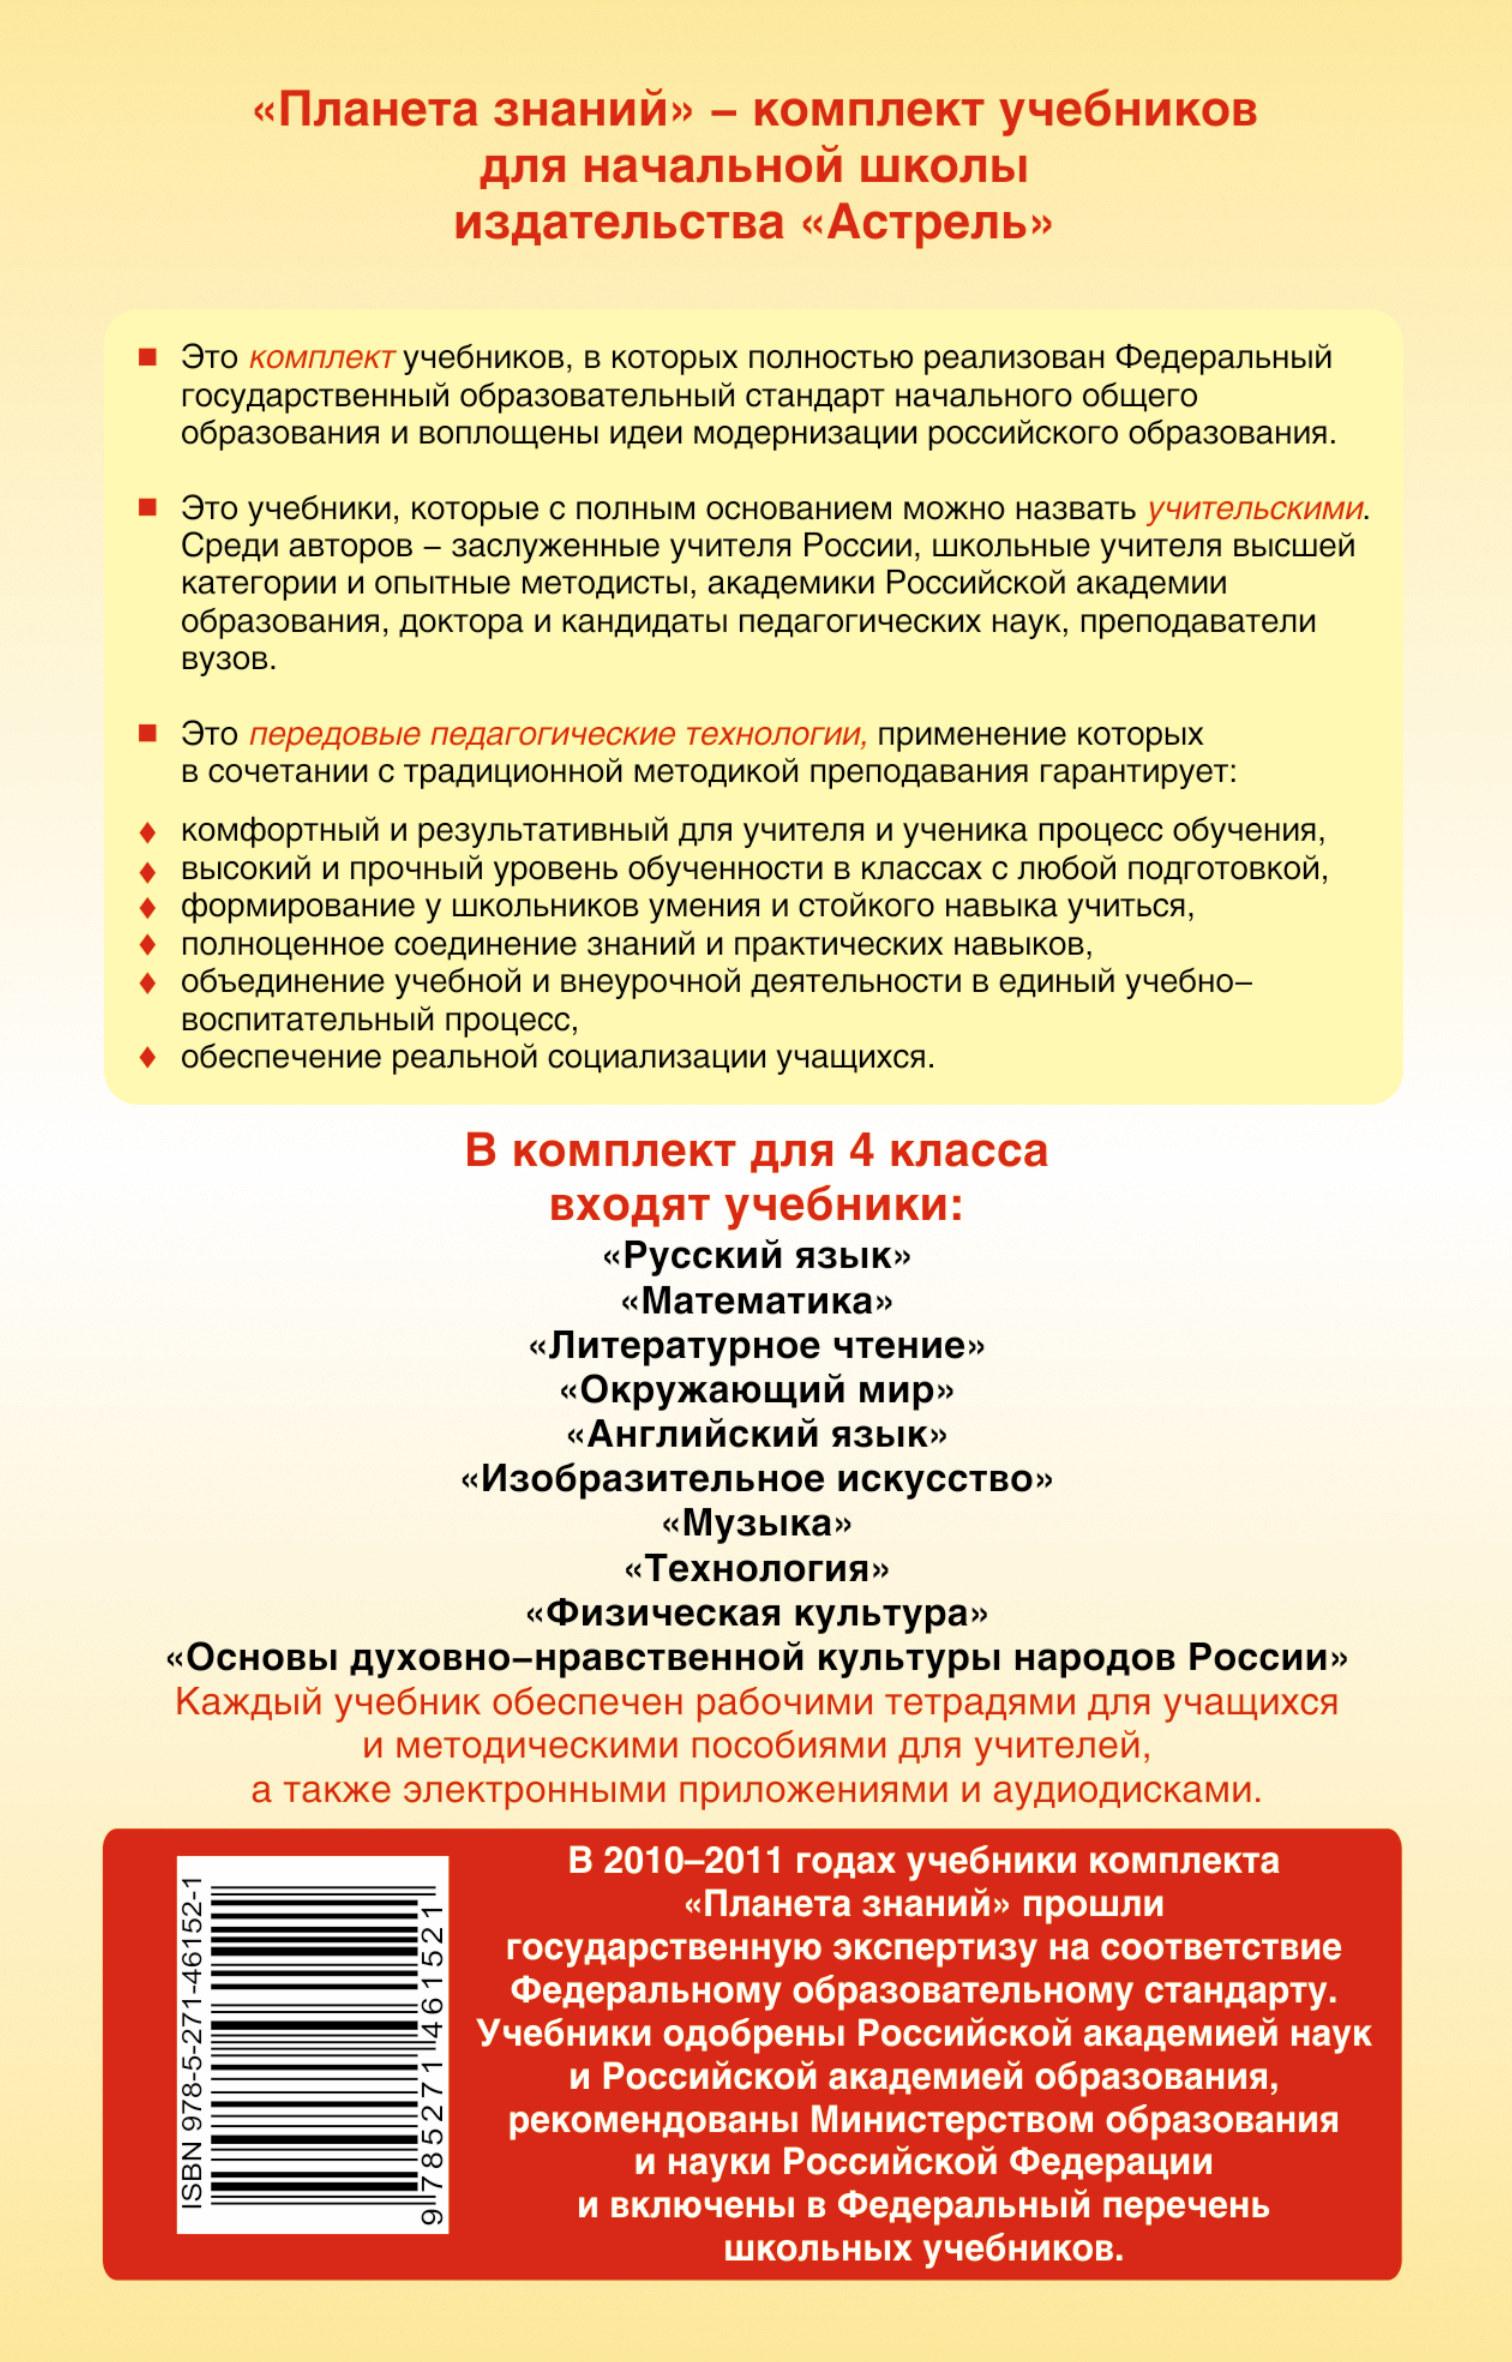 """Обучение в 4 классе по учебнику """"Теxнология"""" О. В. Узоровой, Е. А. Нефедовой. Программа, тематическое планирование, методические рекомендации"""